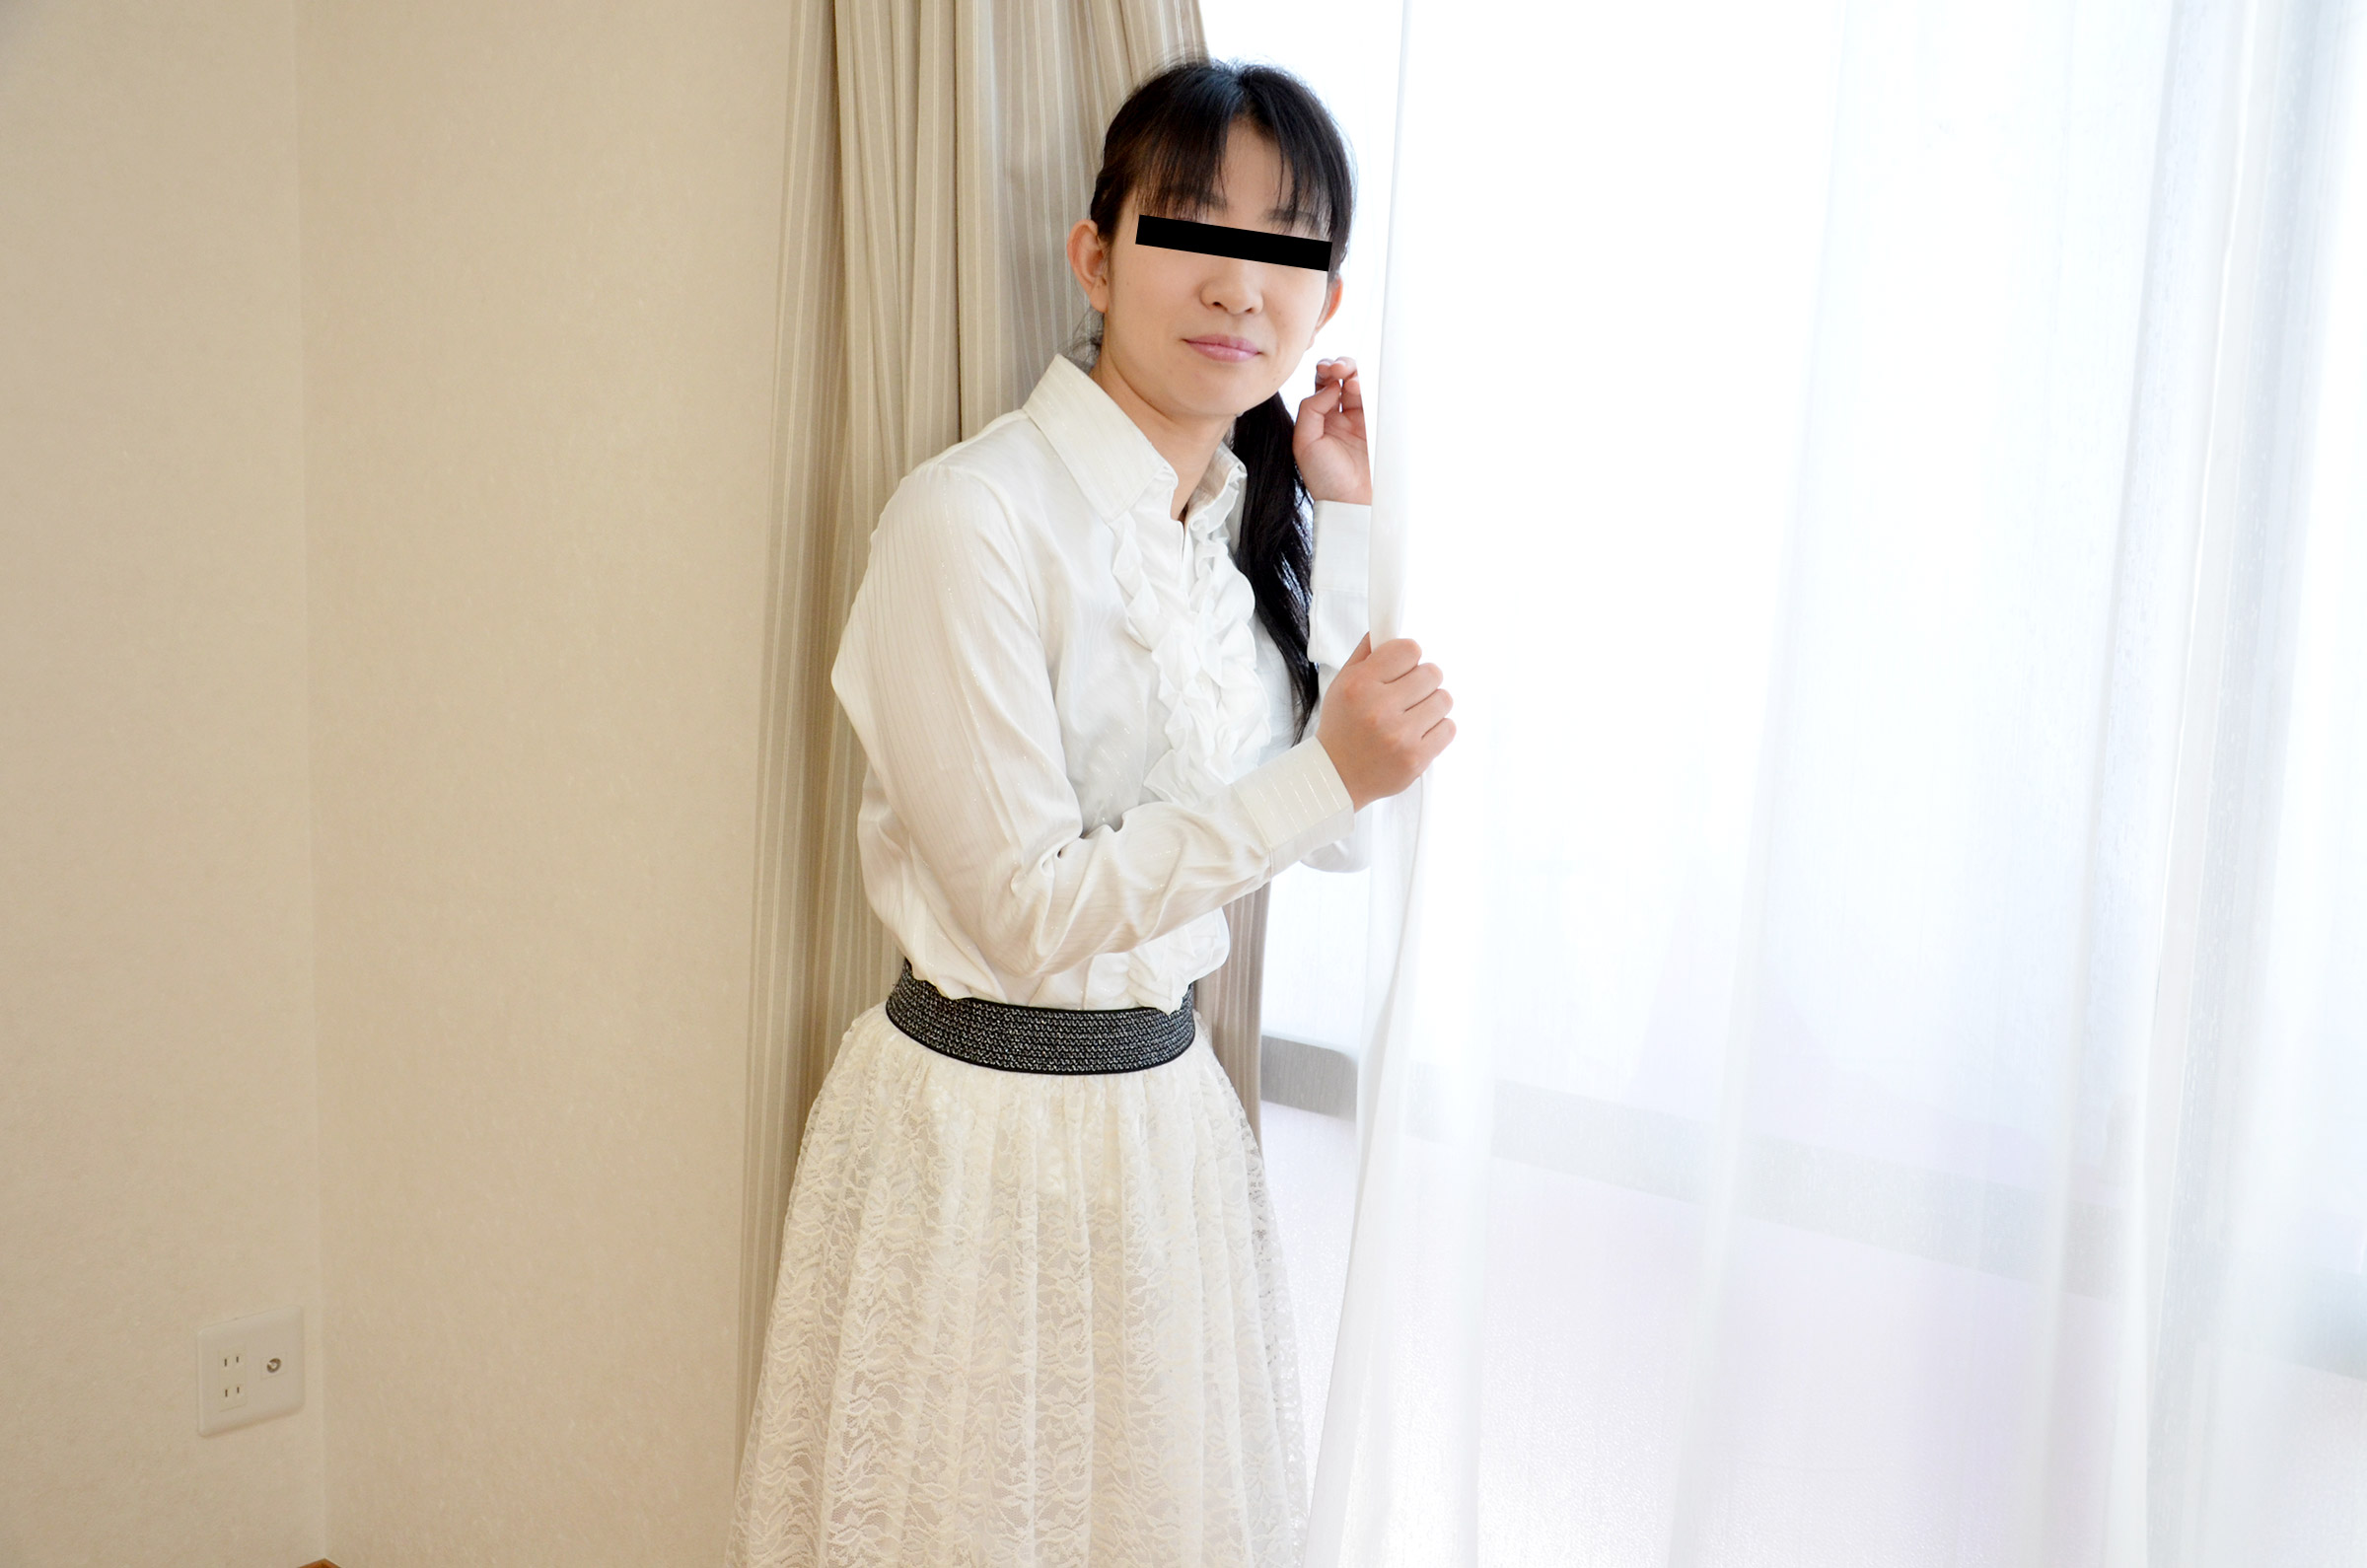 天然むすめ:桜井舞